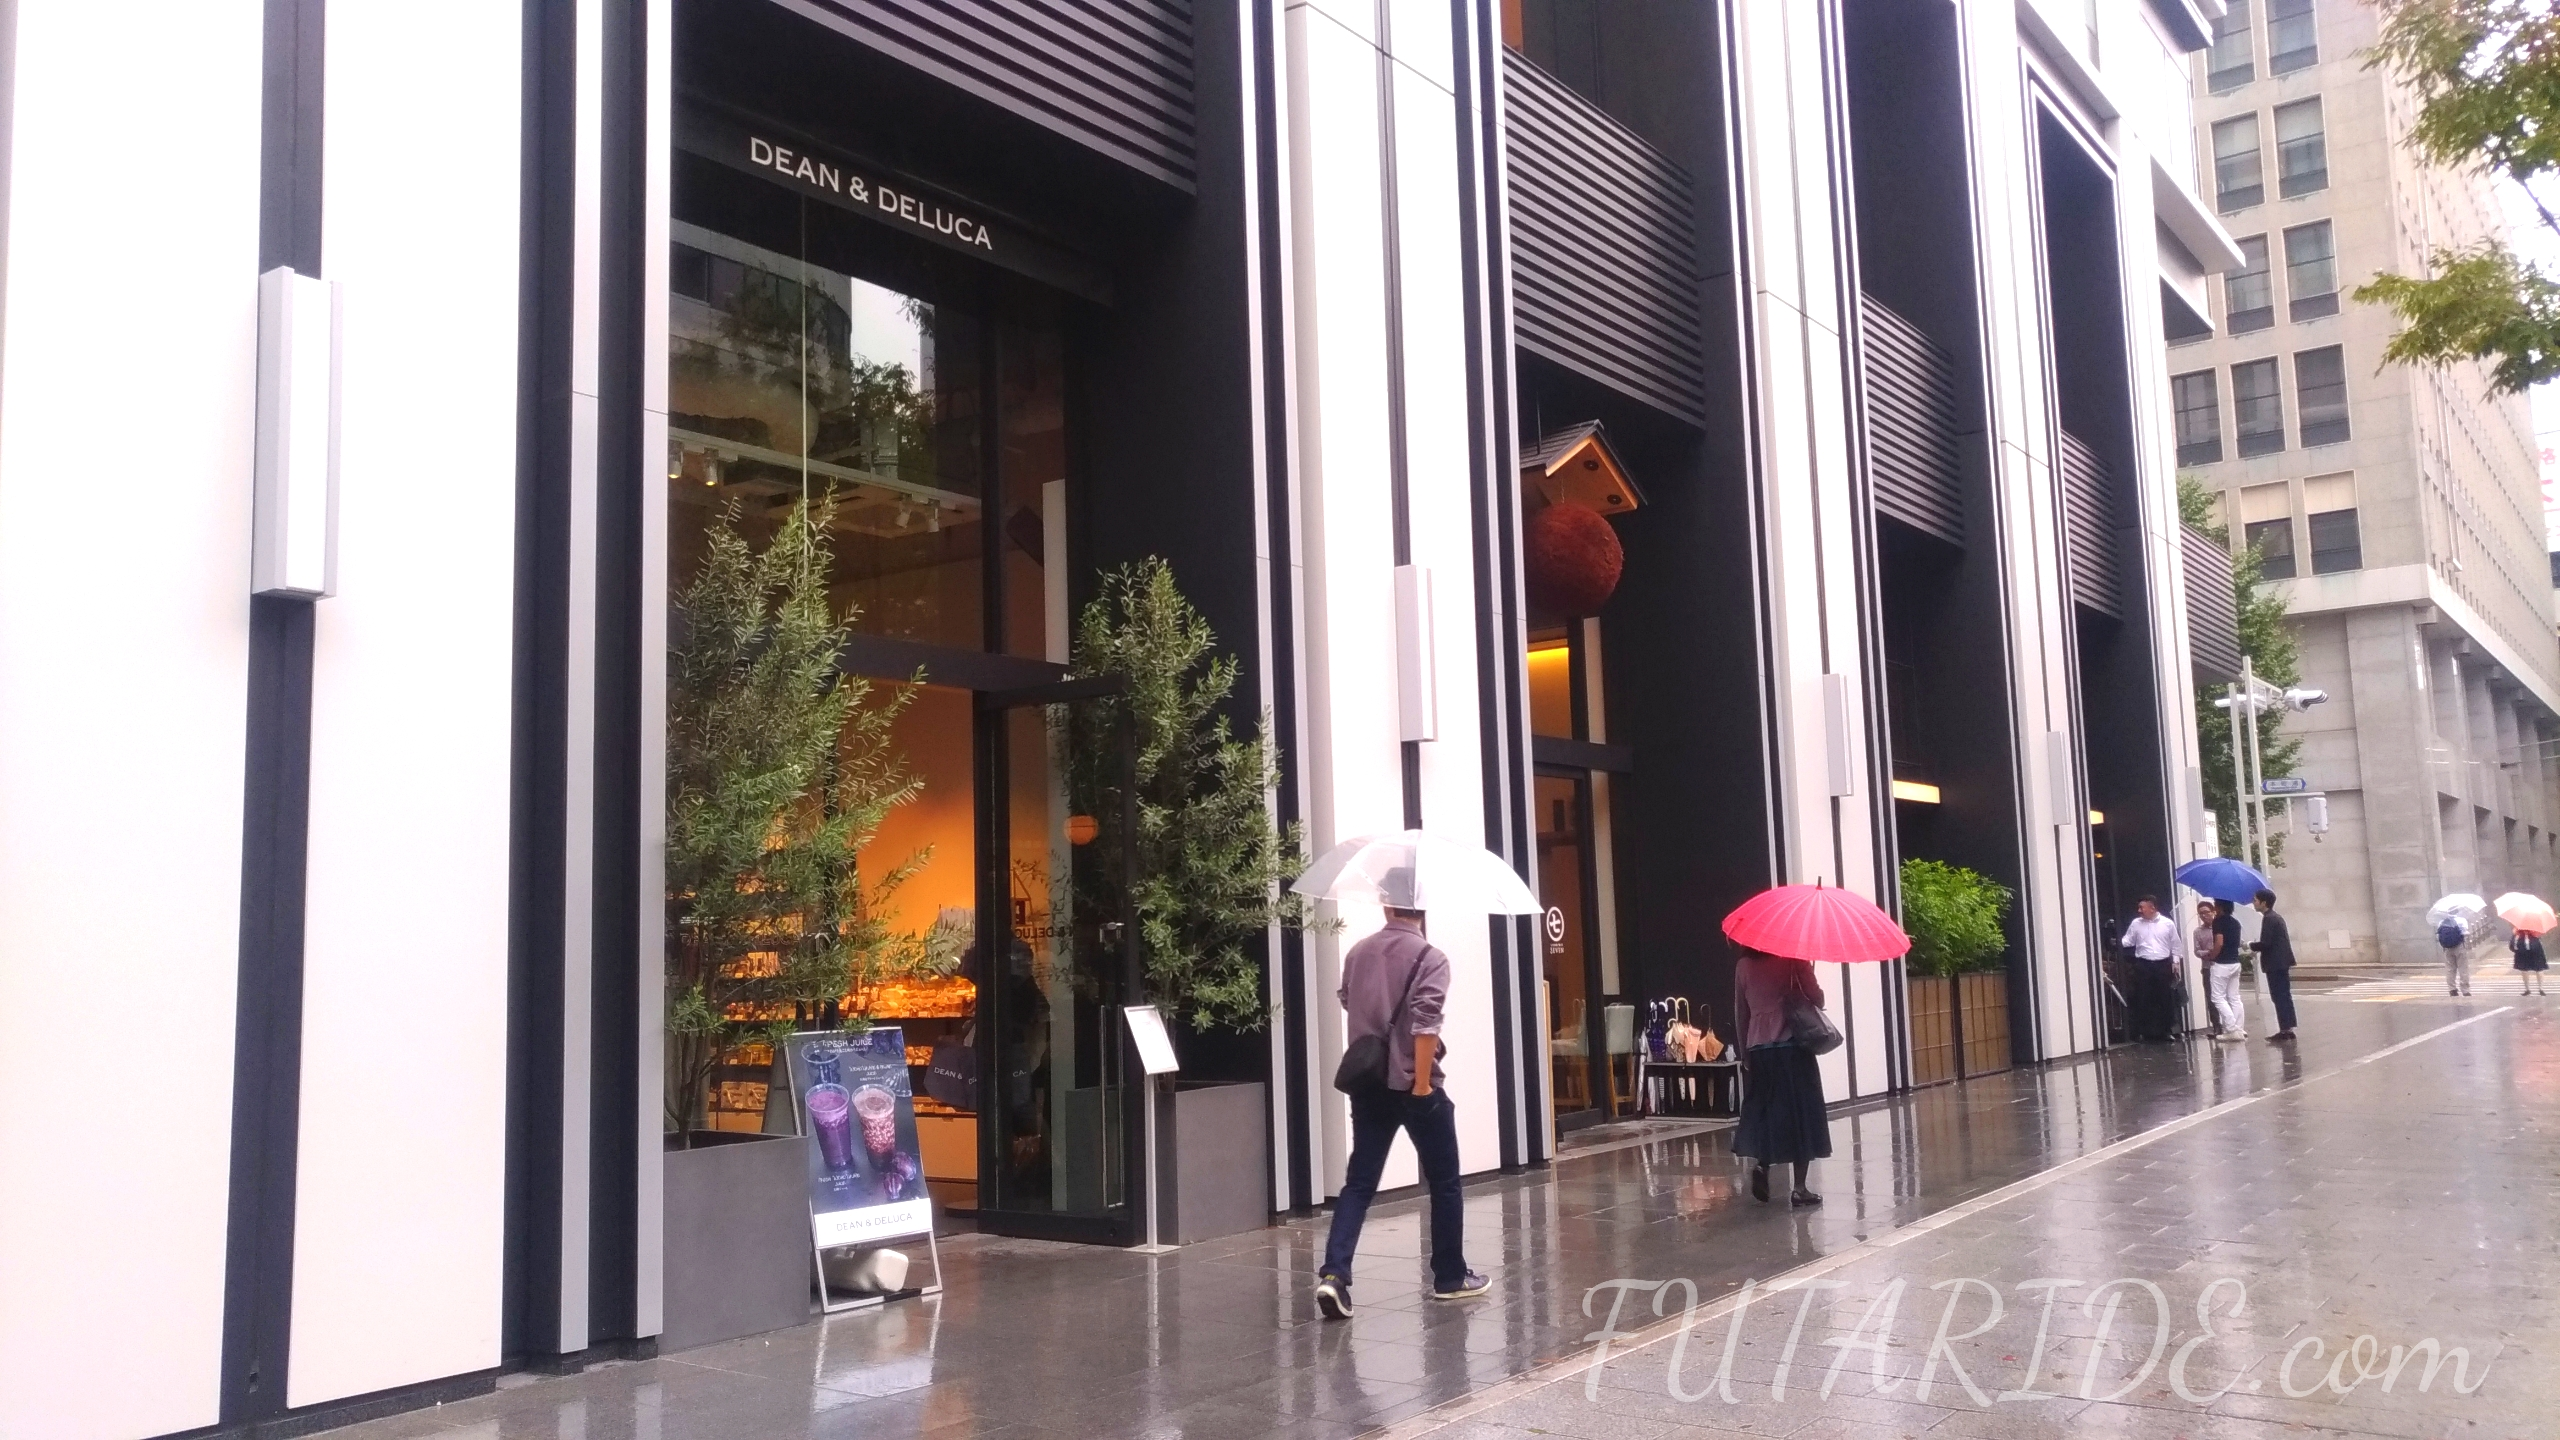 【広小路クロスタワー】伏見・栄エリアの新名所!新しい商業施設のお洒落なお店